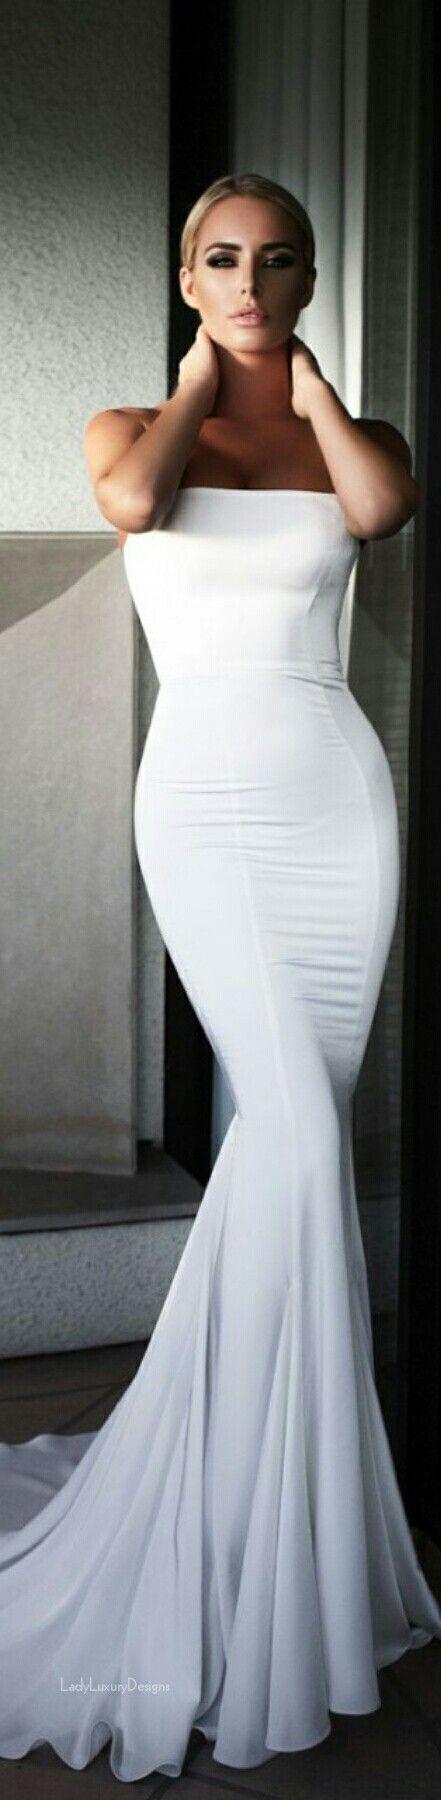 2604 best Duge haljine (Maxi dresses) images on Pinterest ...